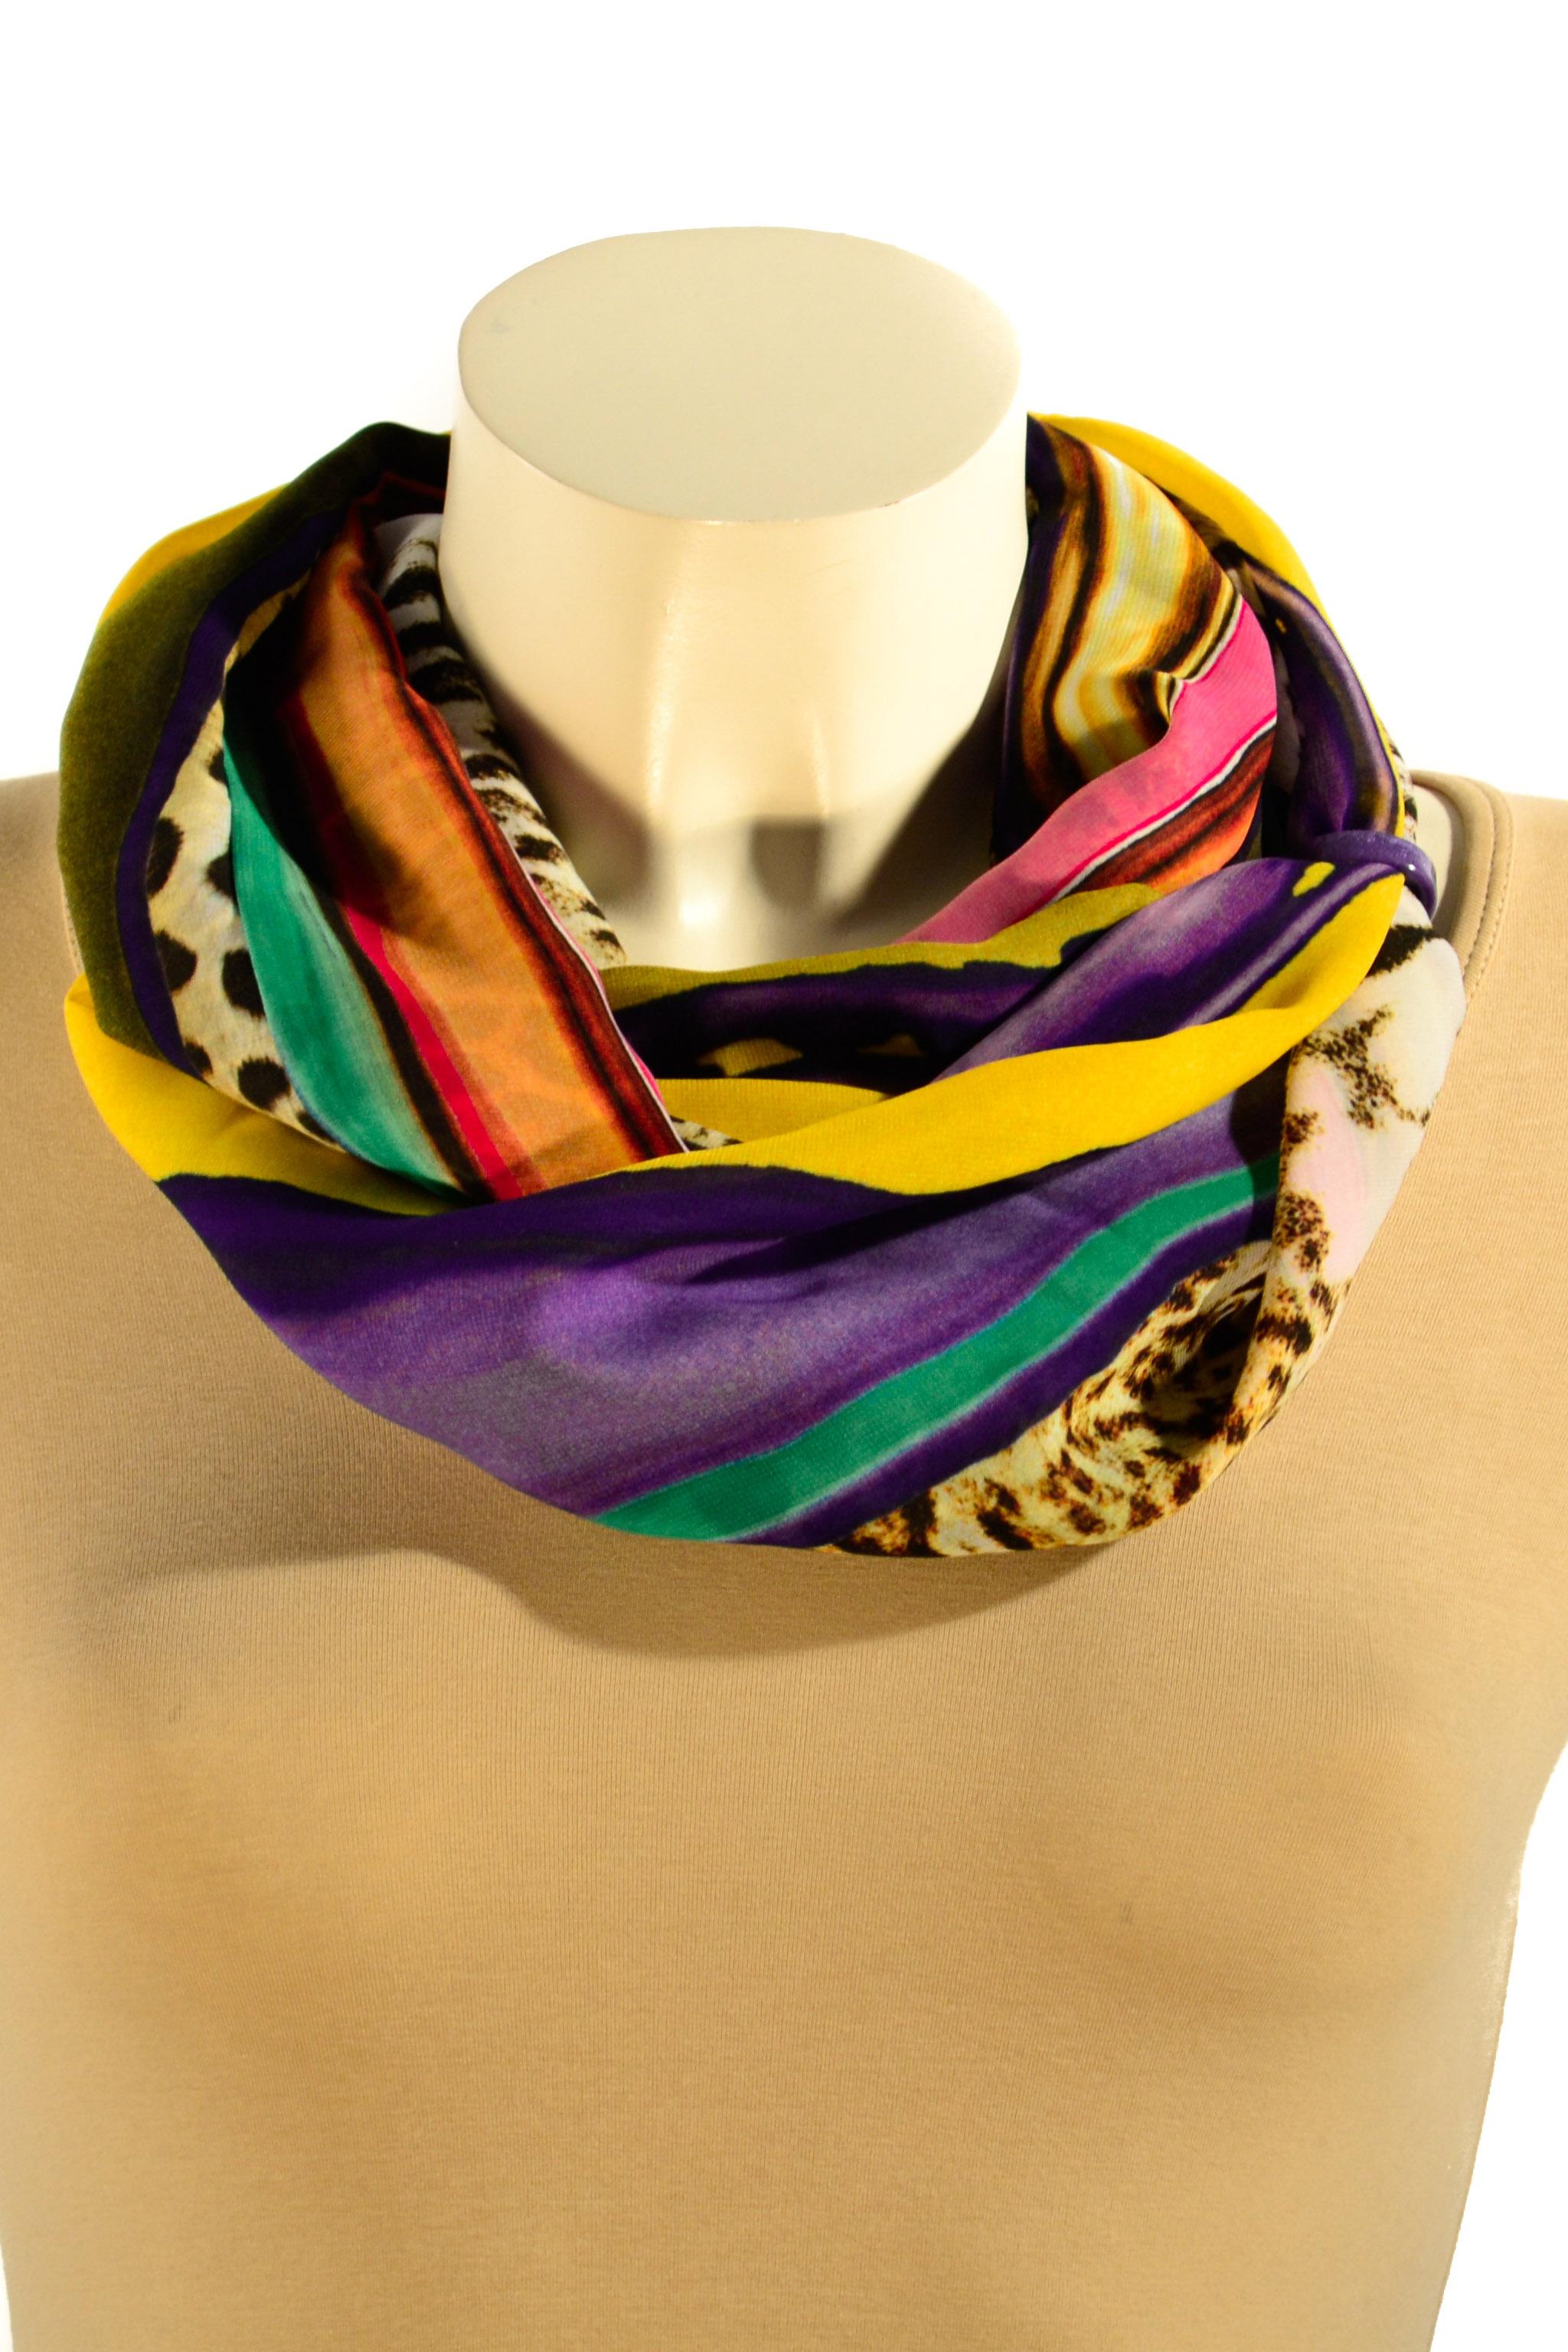 Шарф-дуэтШарфы<br>Шарф - дуэт это тандем шарфа и муфты, которая вшита в шарф - трубу. Шарф - труба в сшитом состоянии: длина 144 см, ширина 27 см. Шарф без аксессуаров.  В изделии использованы цвета: фиолетовый, желтый, черный и др.<br><br>По сезону: Всесезон<br>Размер : UNI<br>Материал: Шифон<br>Количество в наличии: 2